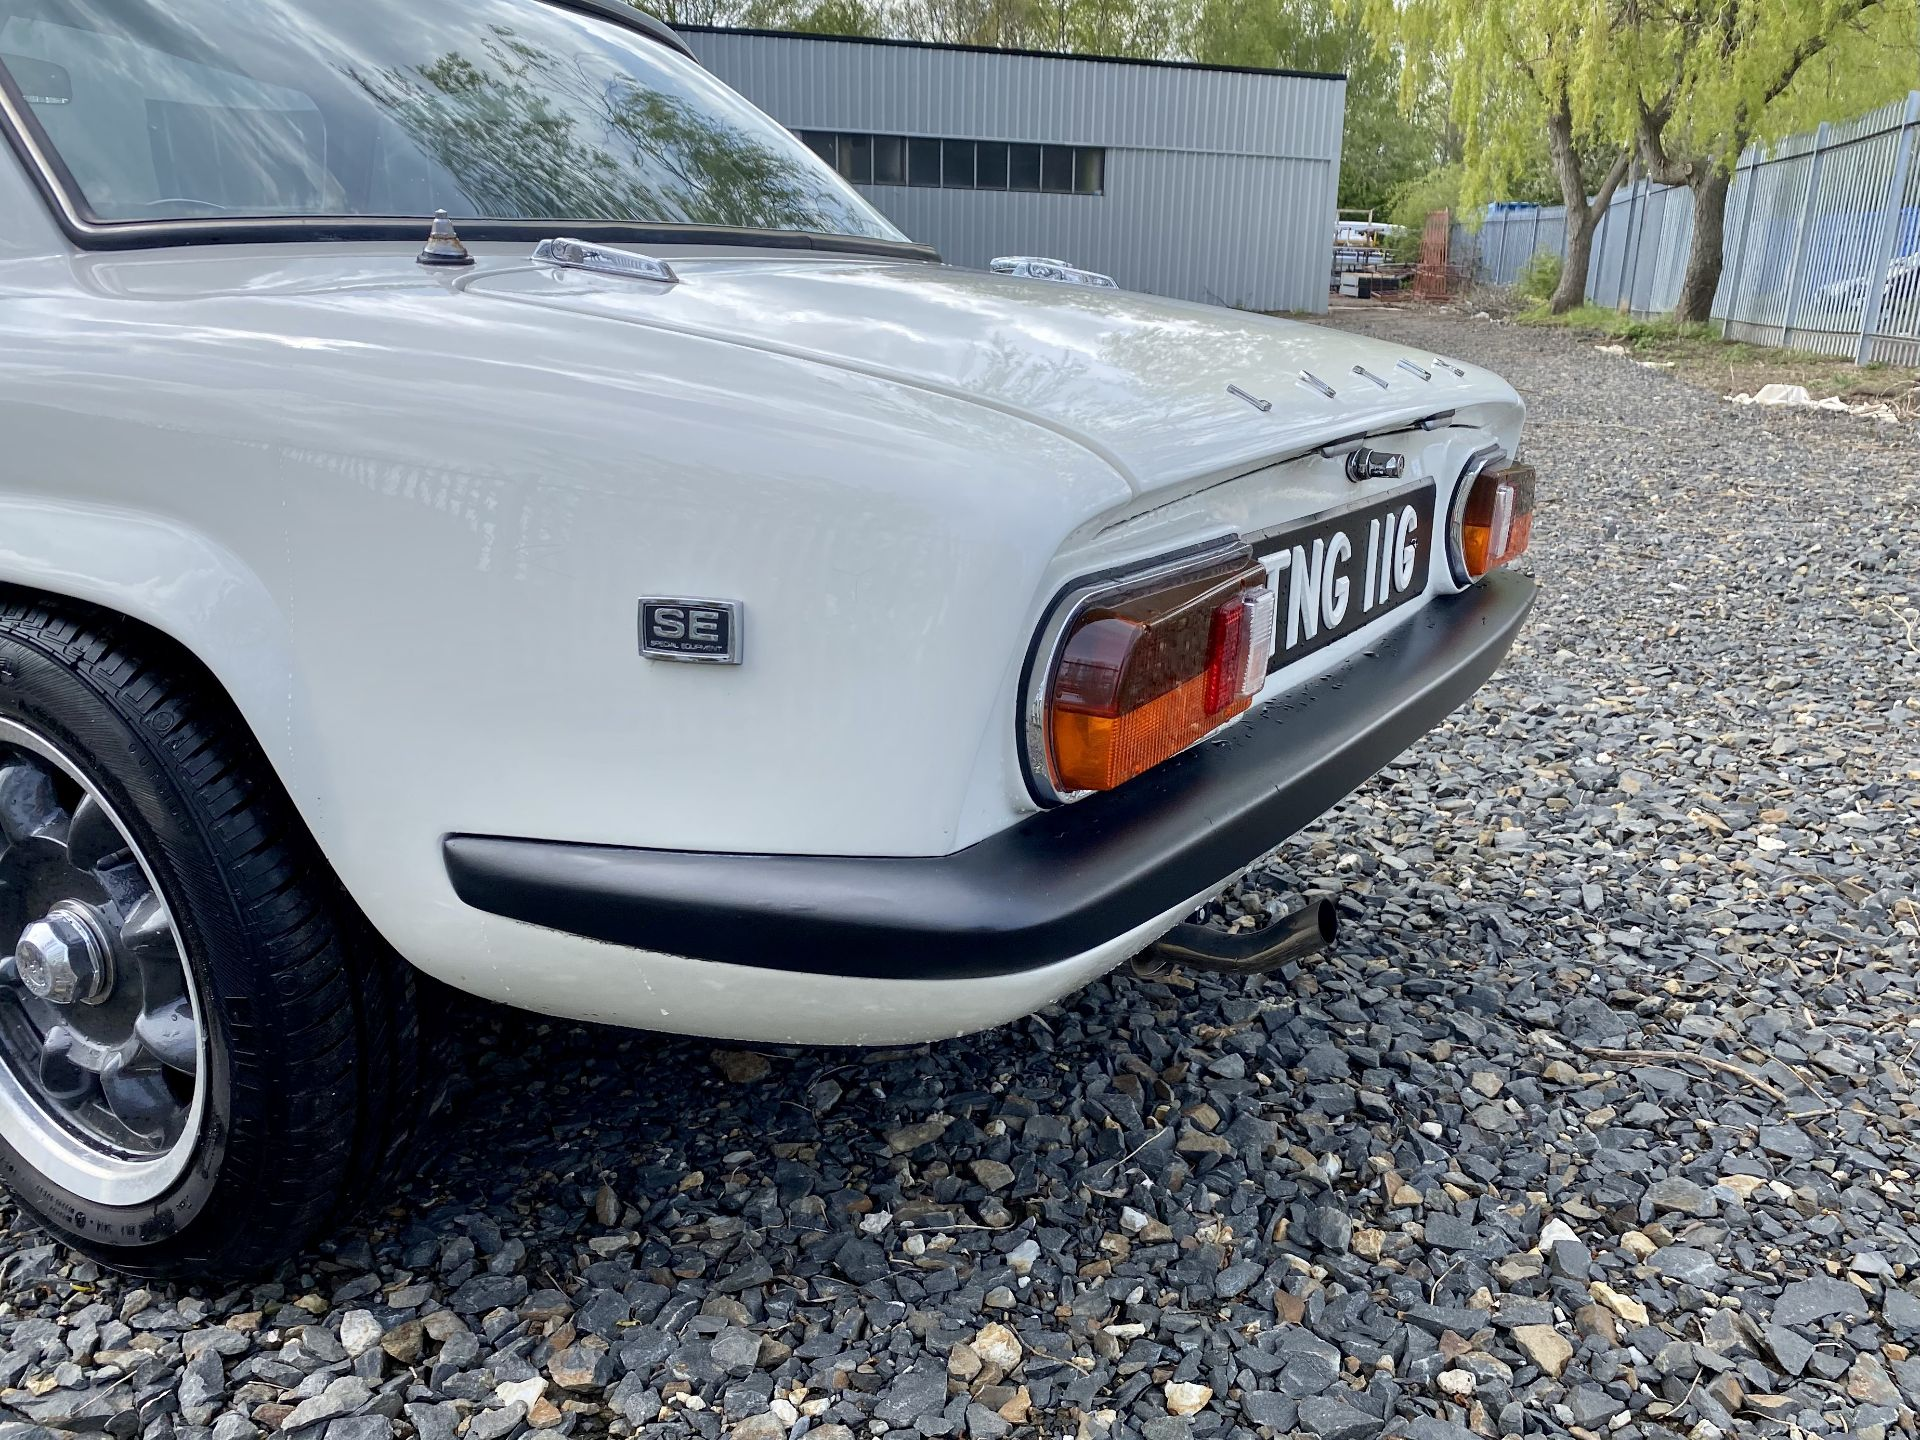 Lotus Elan S4 SE - Image 31 of 57